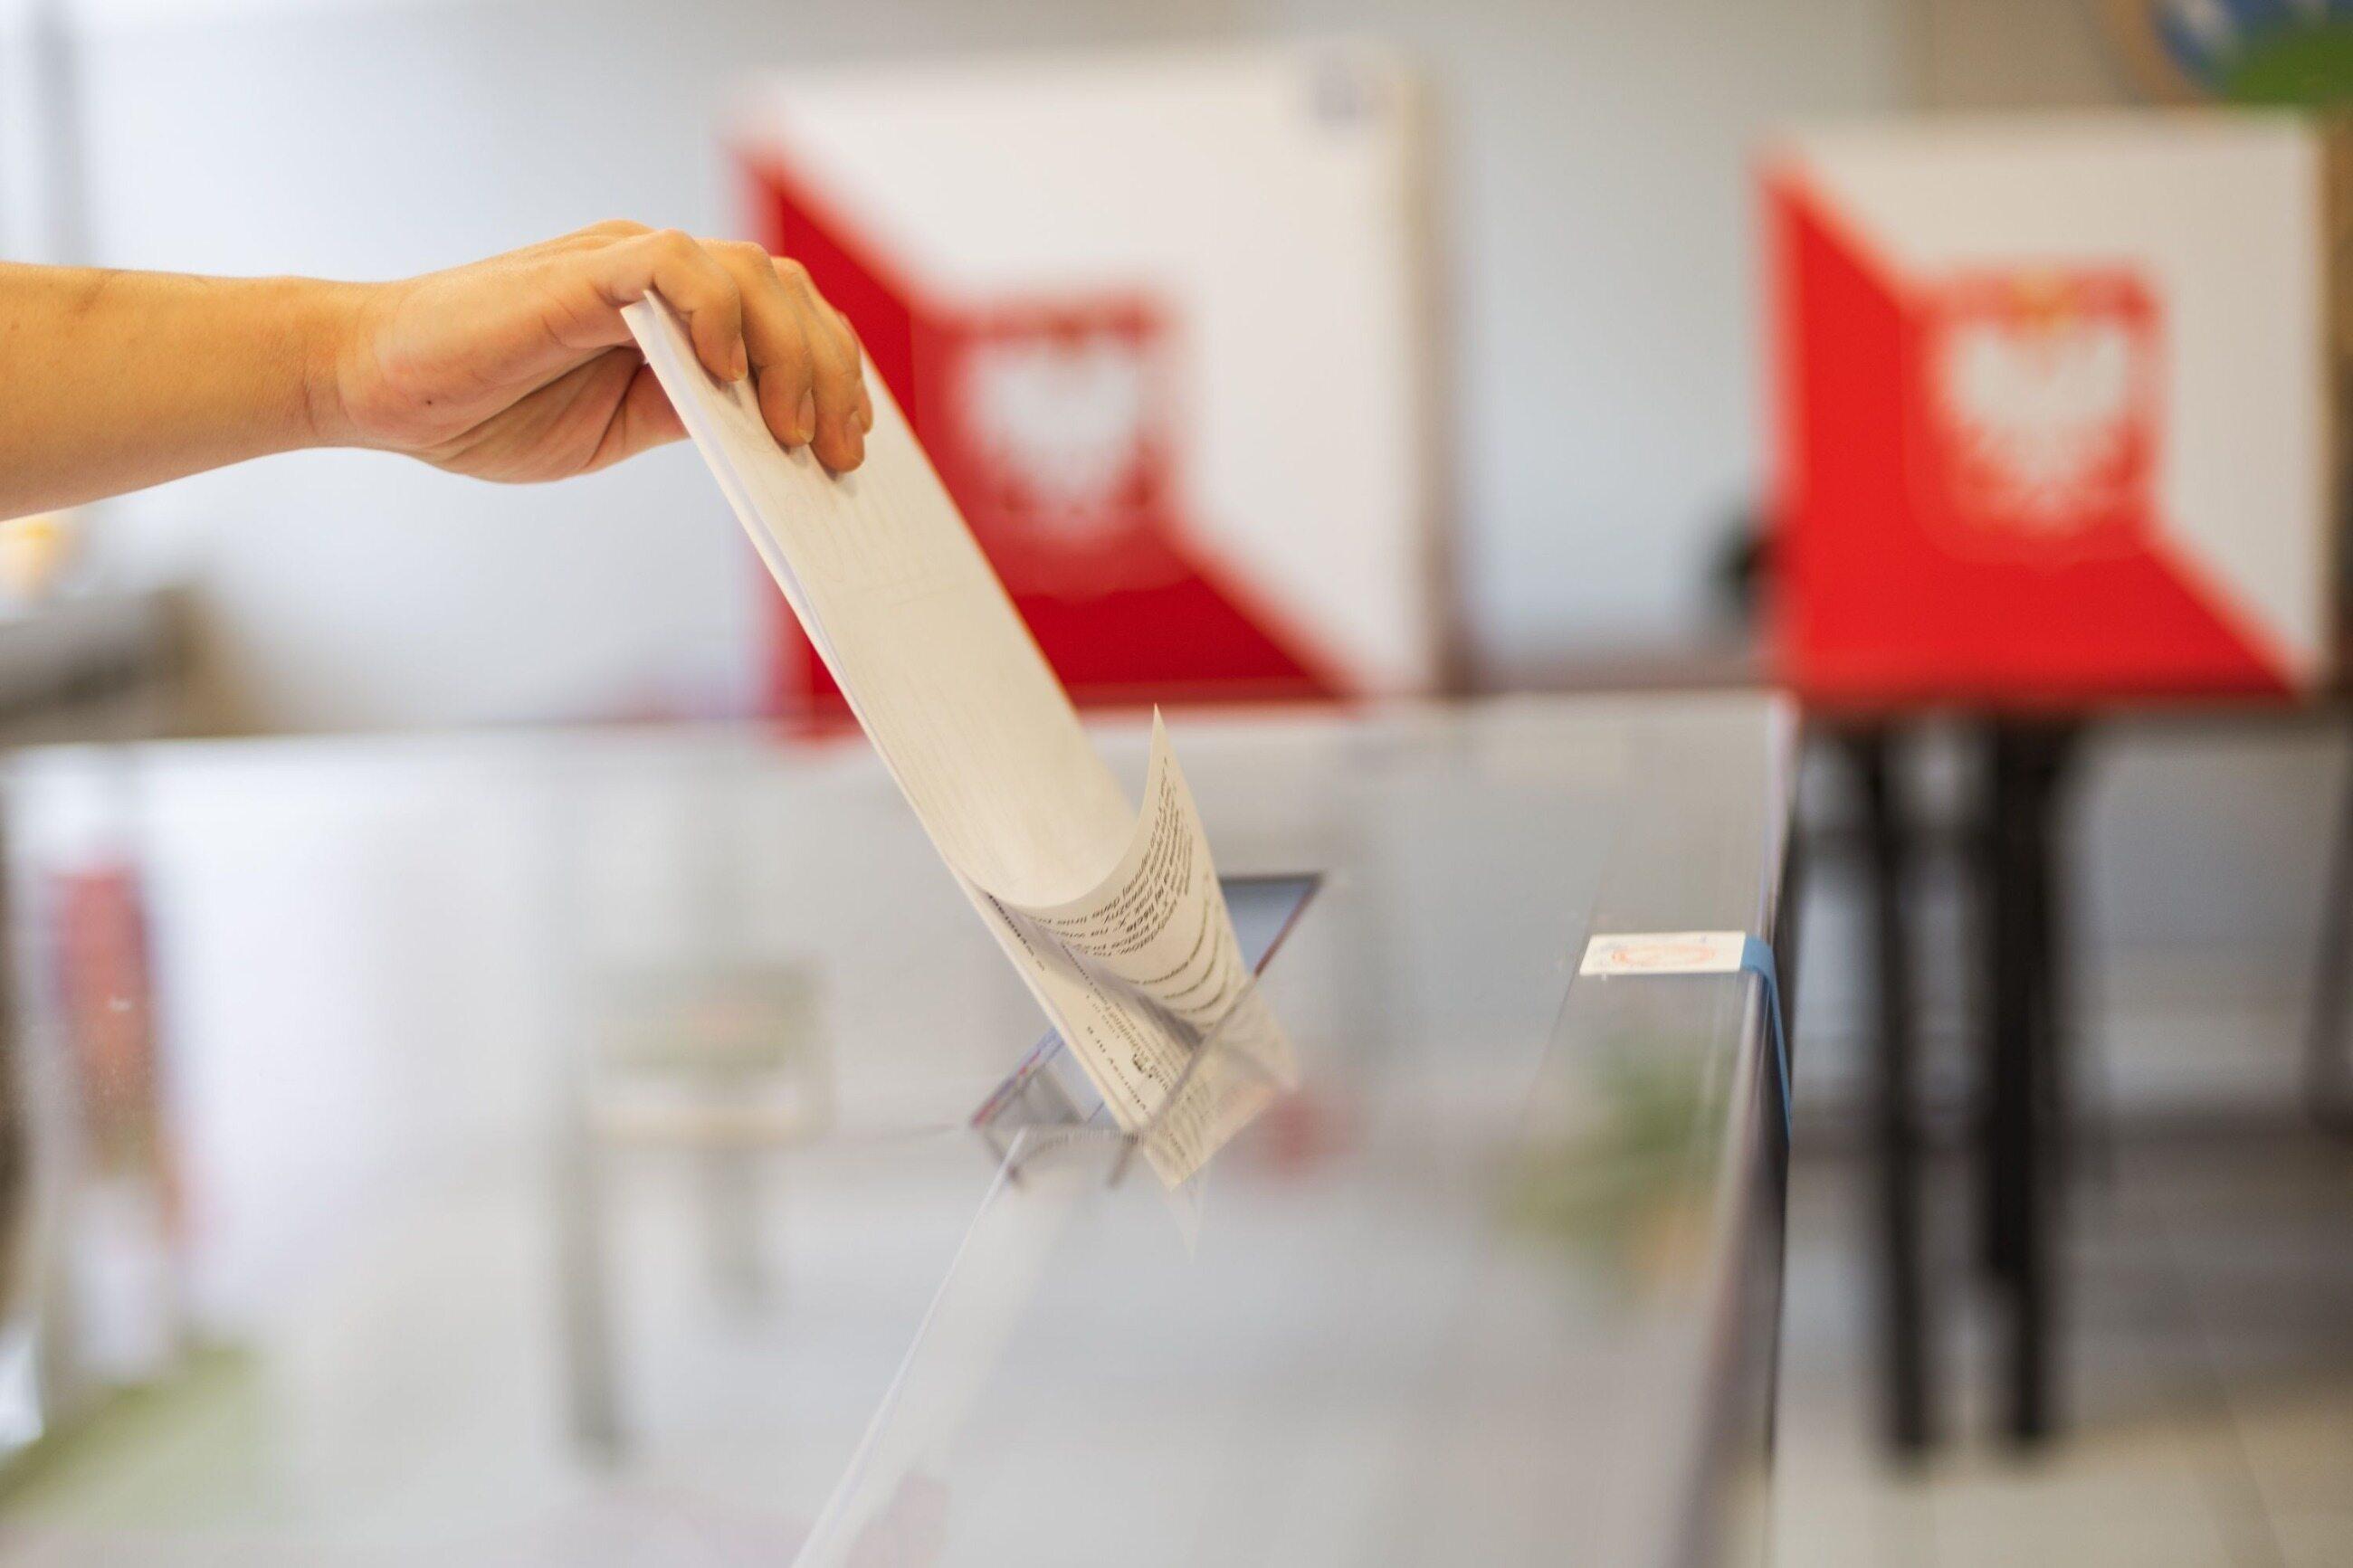 Wybory prezydenckie 2020. Głosowanie korespondencyjne w drugiej turze za granicą i w kraju